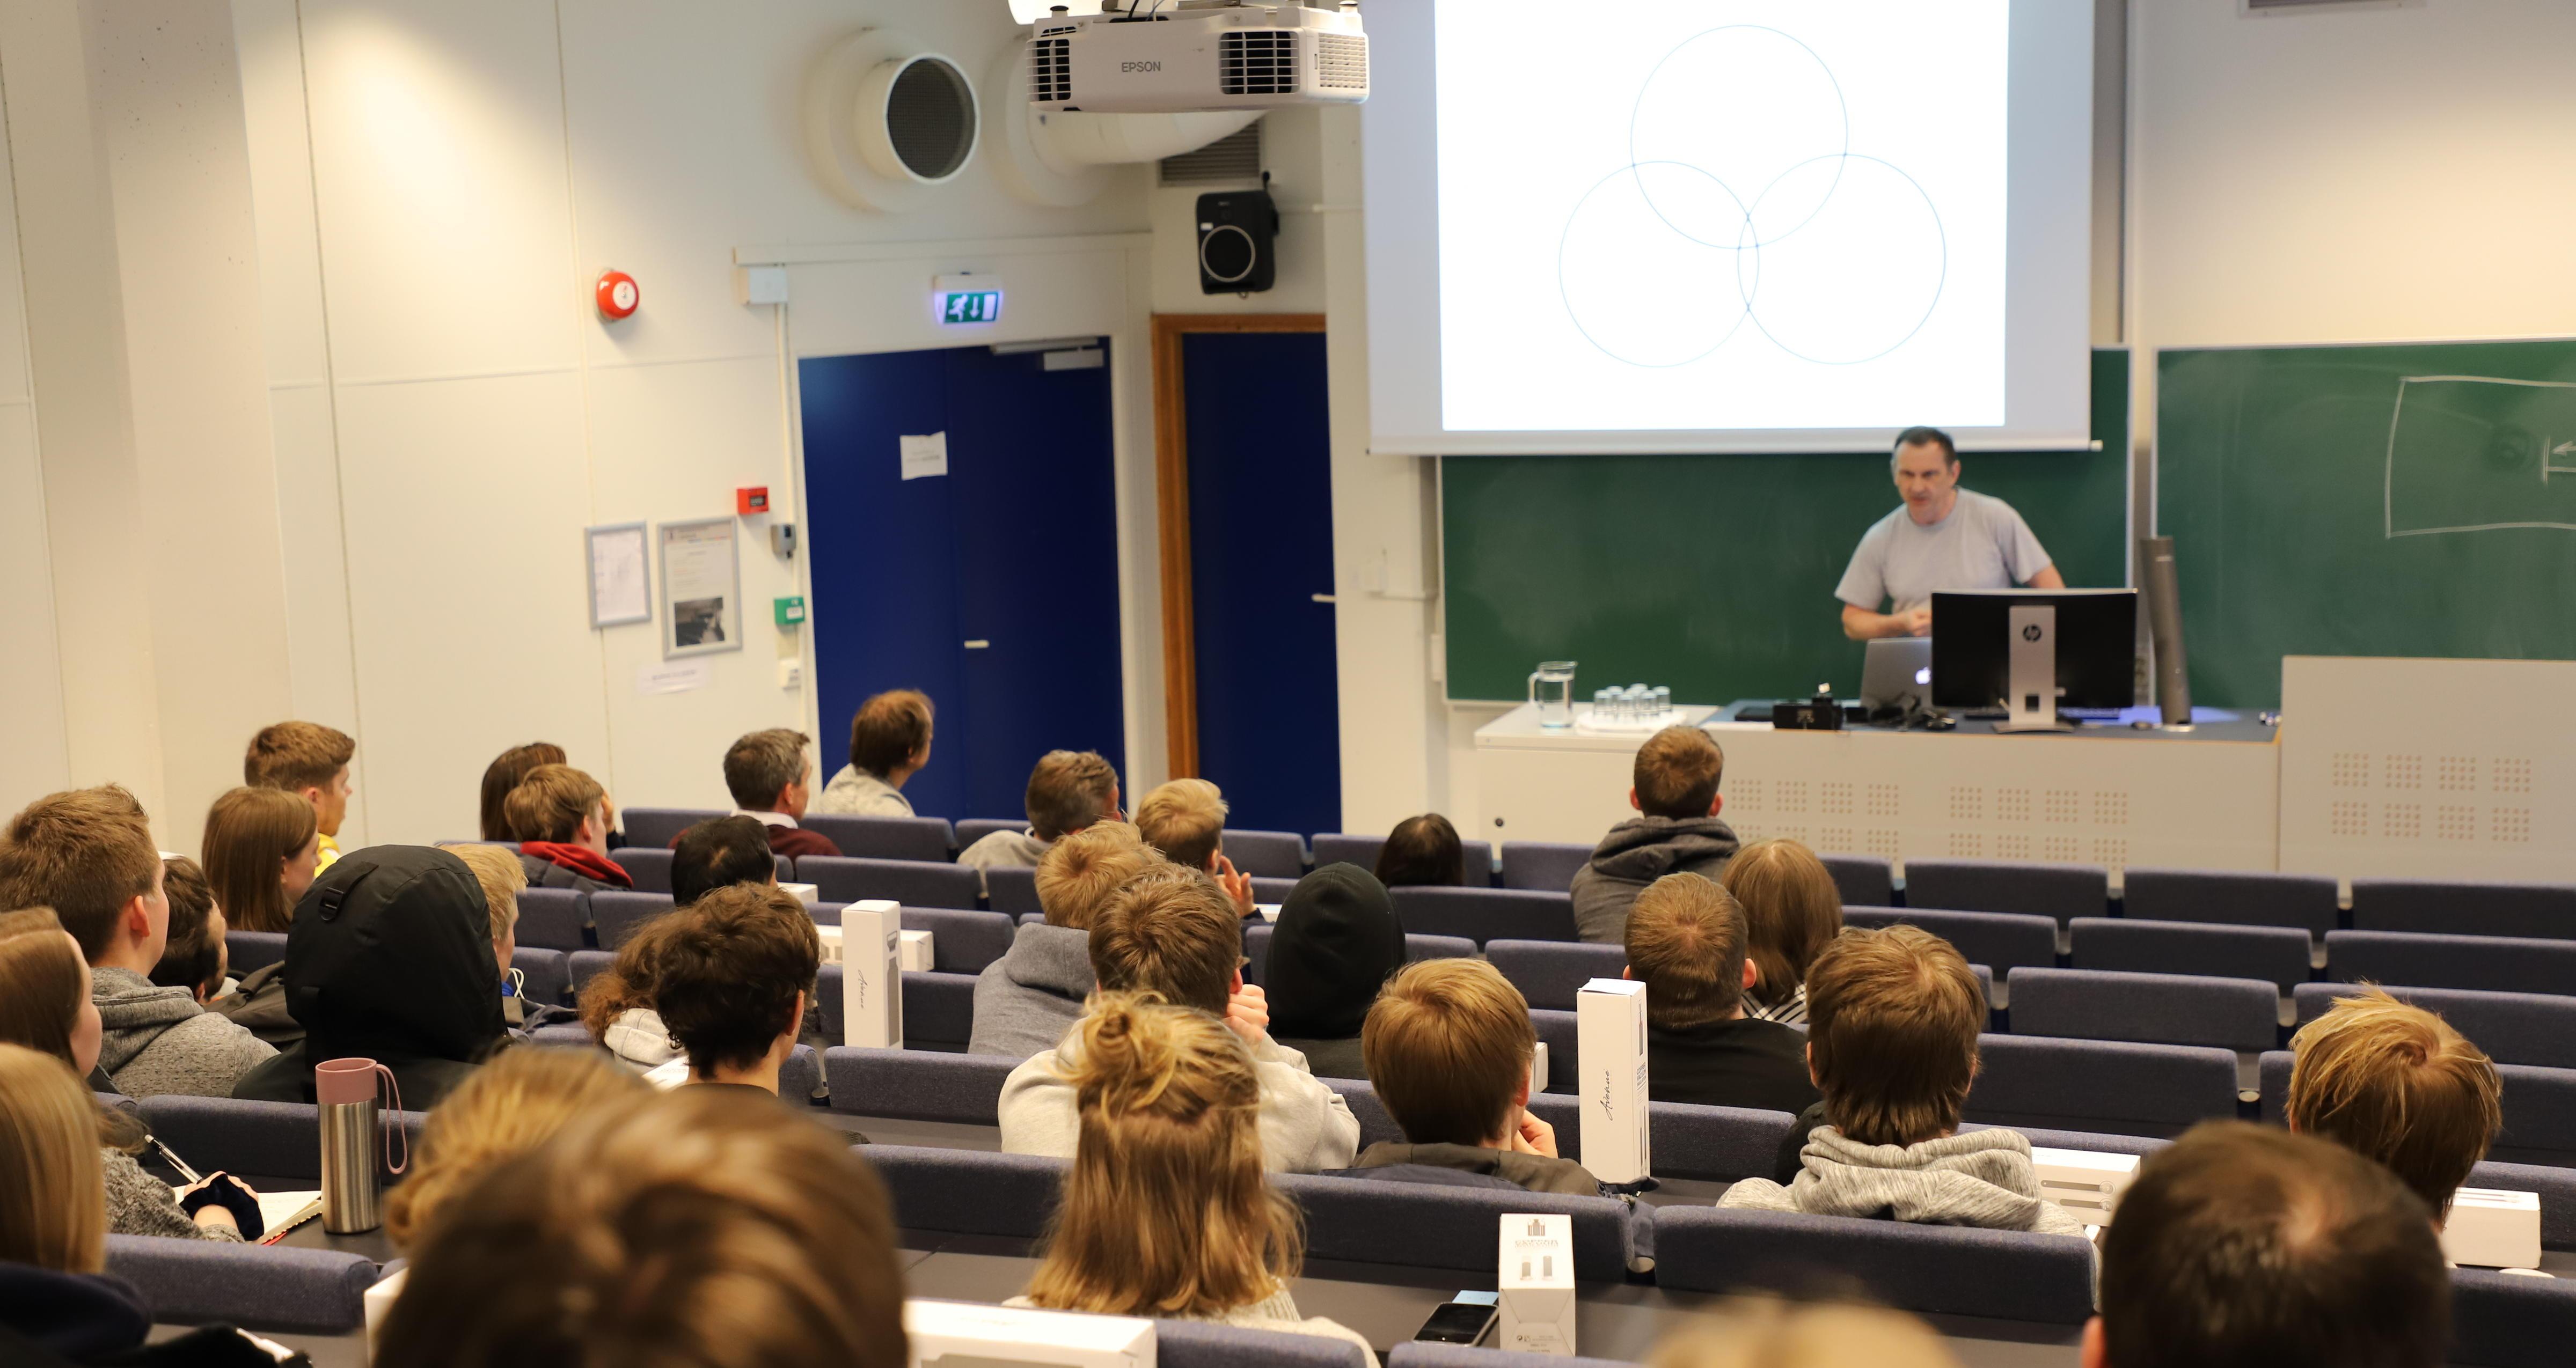 Michal Walicki forteller om studiemuligheter